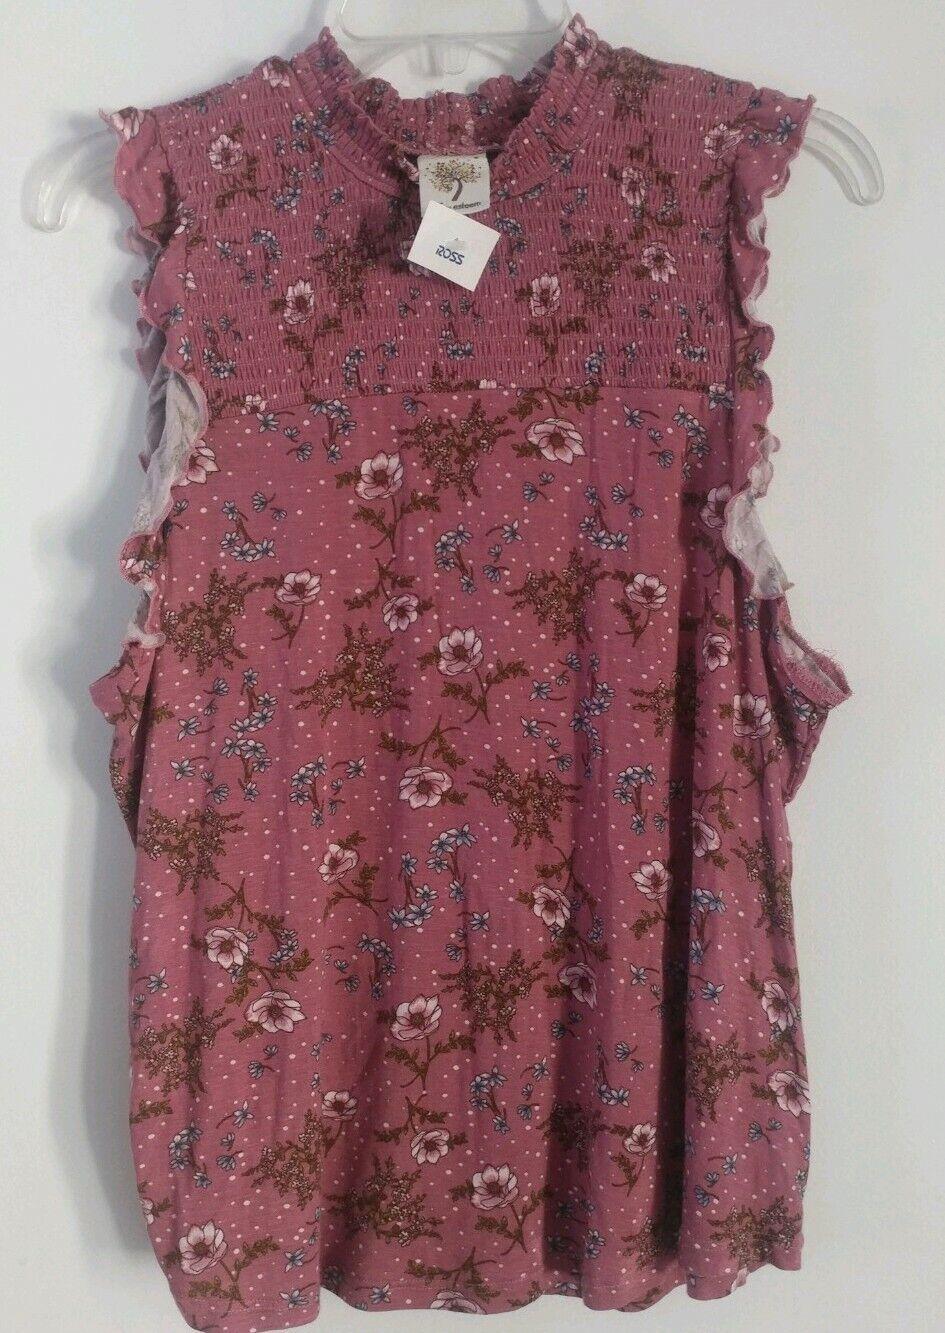 Junior's Self Esteem Blouse Shirt Floral Top Size XL 10